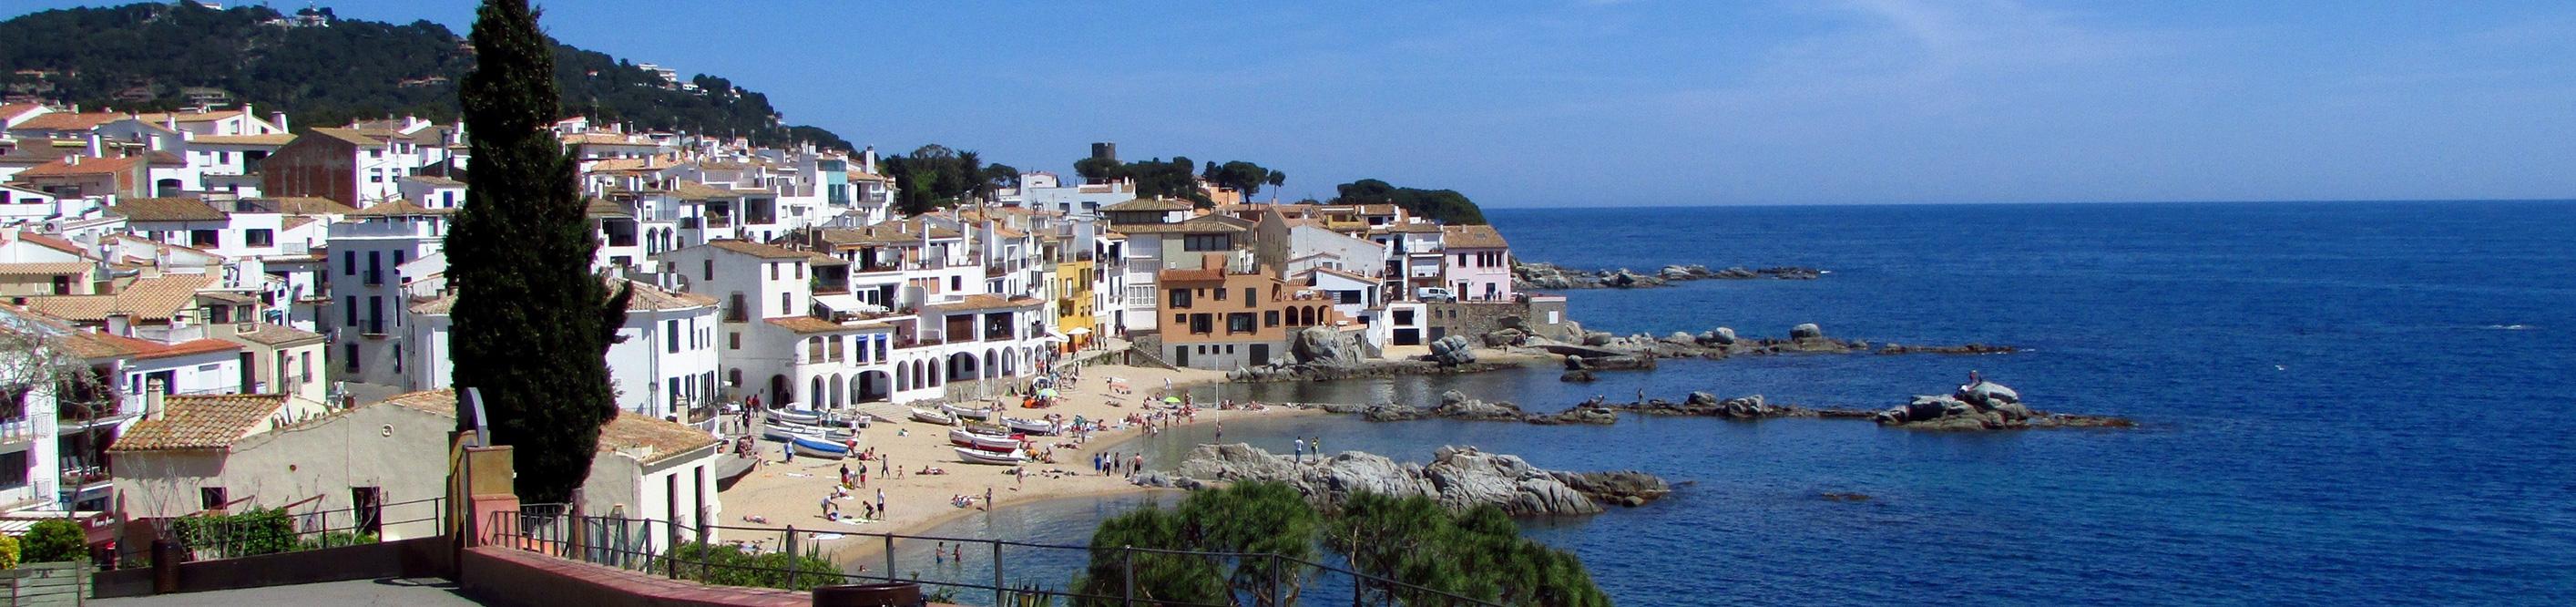 Морской круиз в Испании